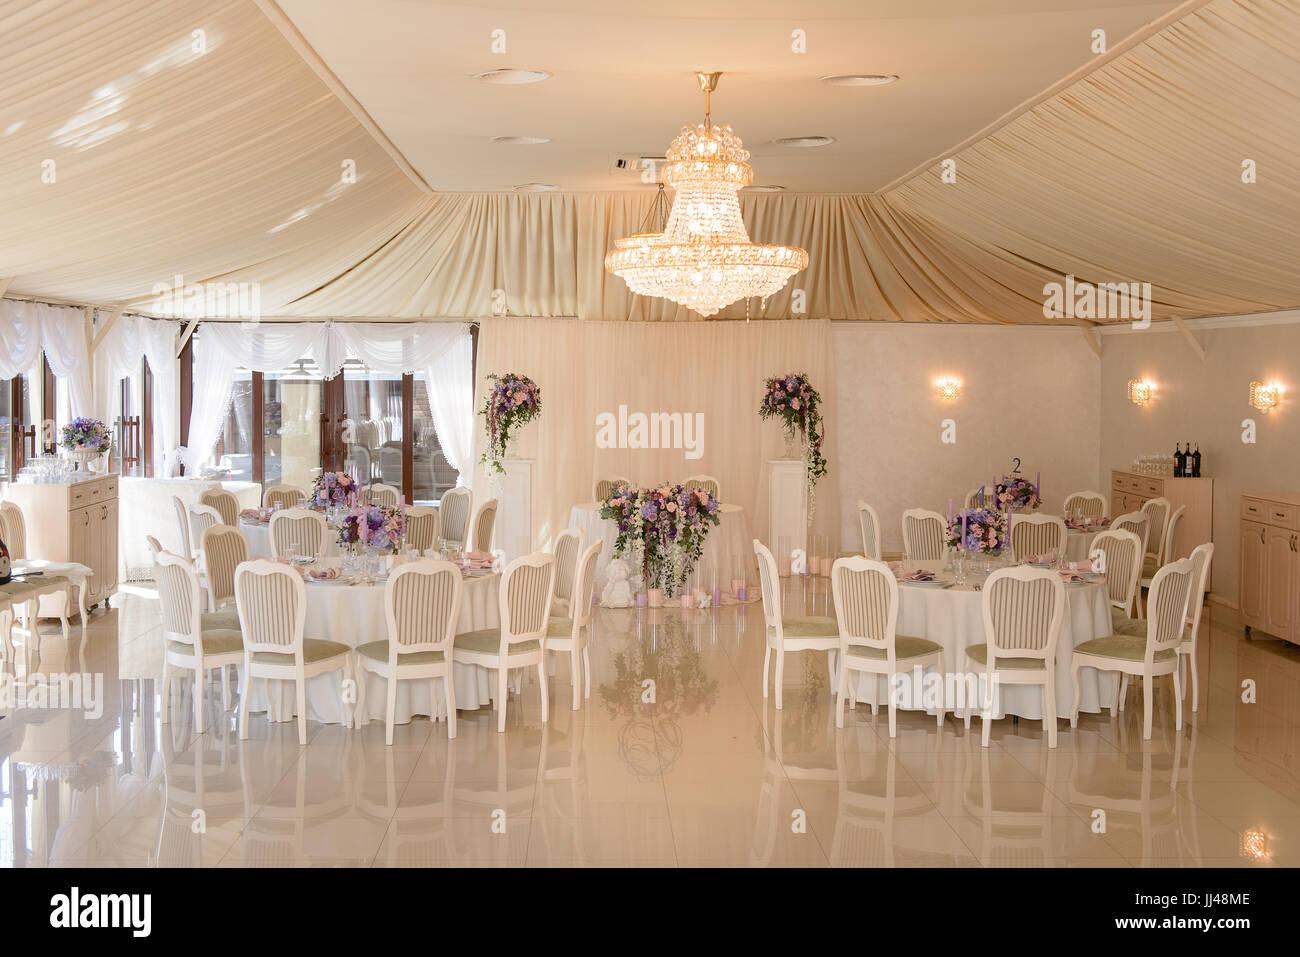 Eine Hochzeit dekoriert Restaurant in Creme Farben Stockbild